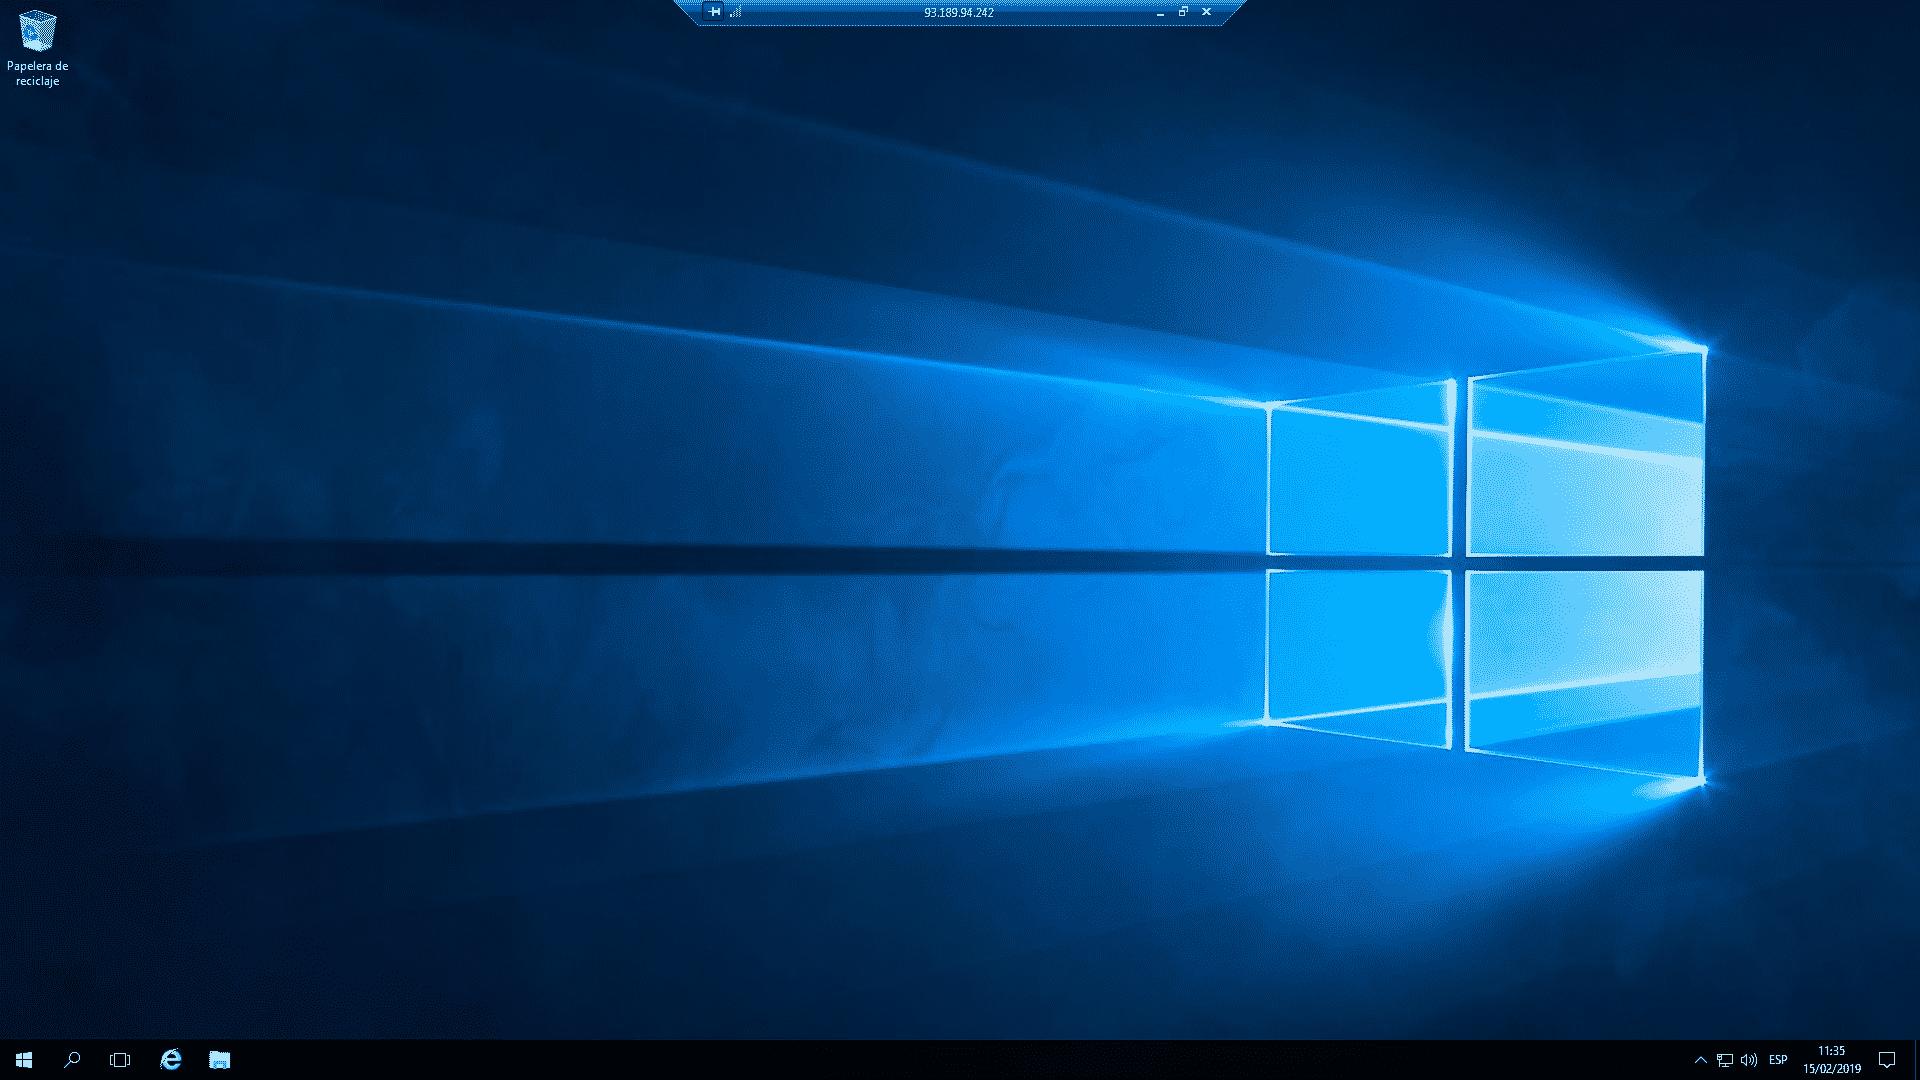 vps con windows 10